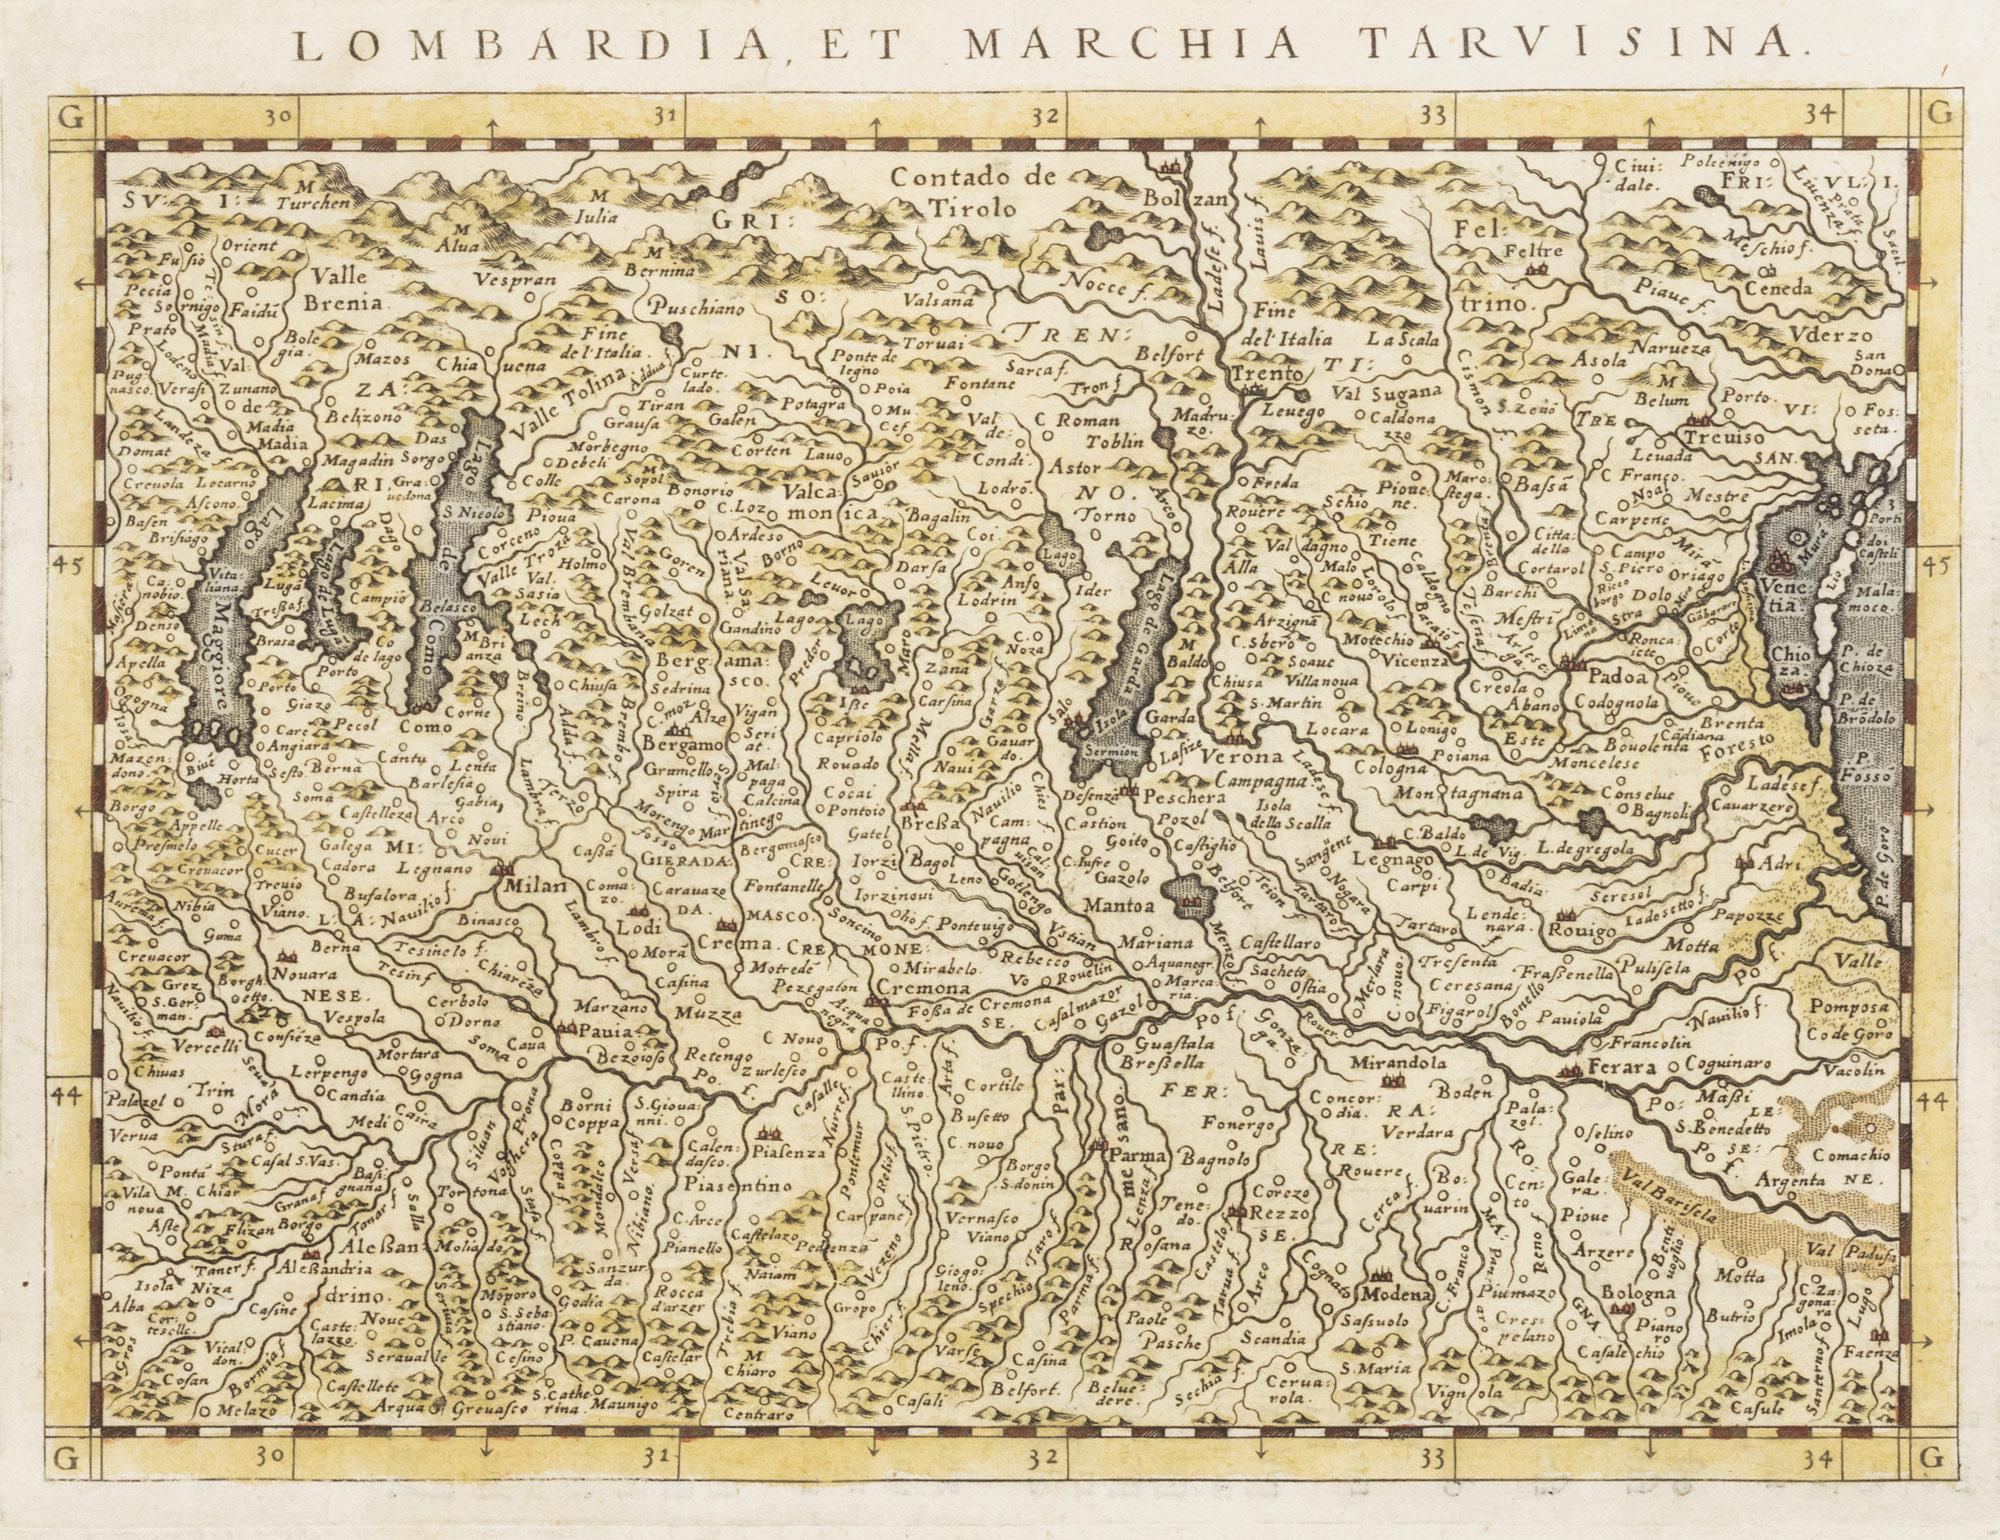 Pedemontium Monsferratus Et Liguria – Lombardia et marchia tarvisina